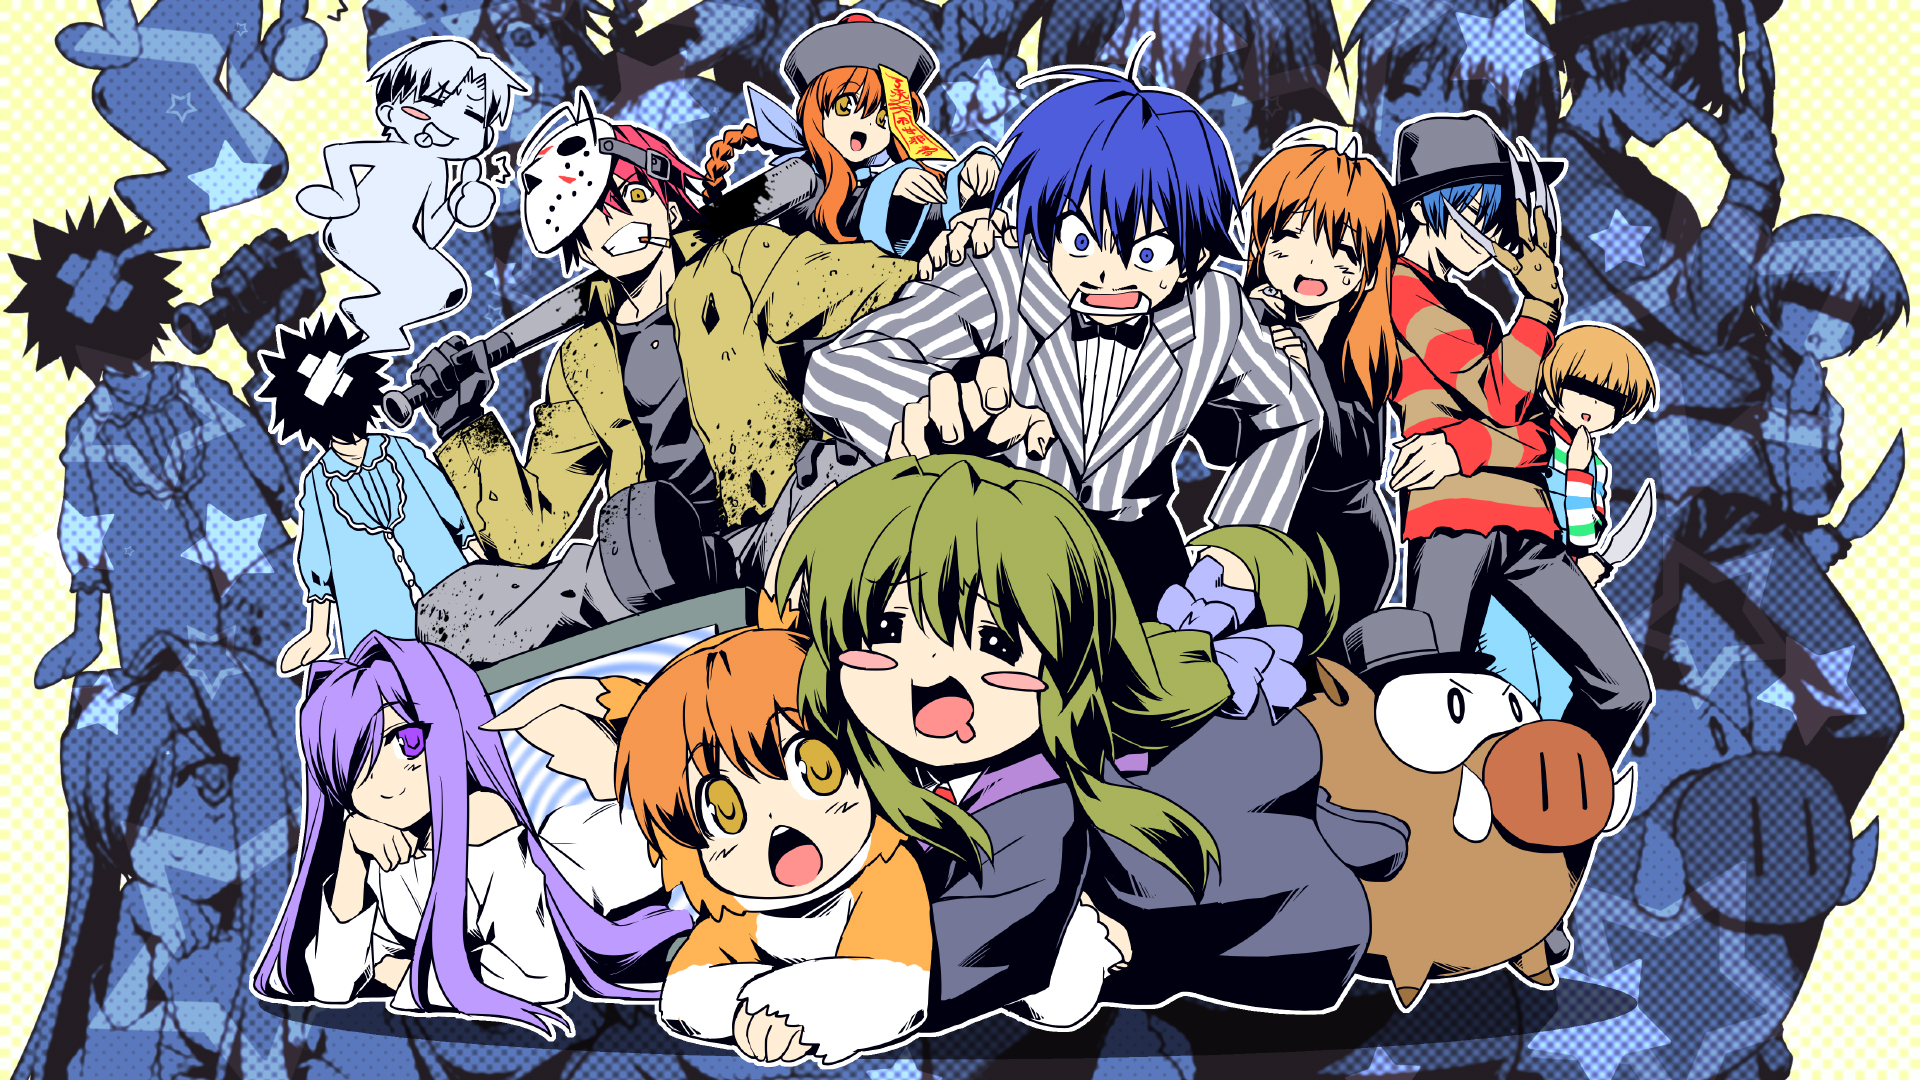 Clannad Hd Wallpaper Zerochan Anime Image Board